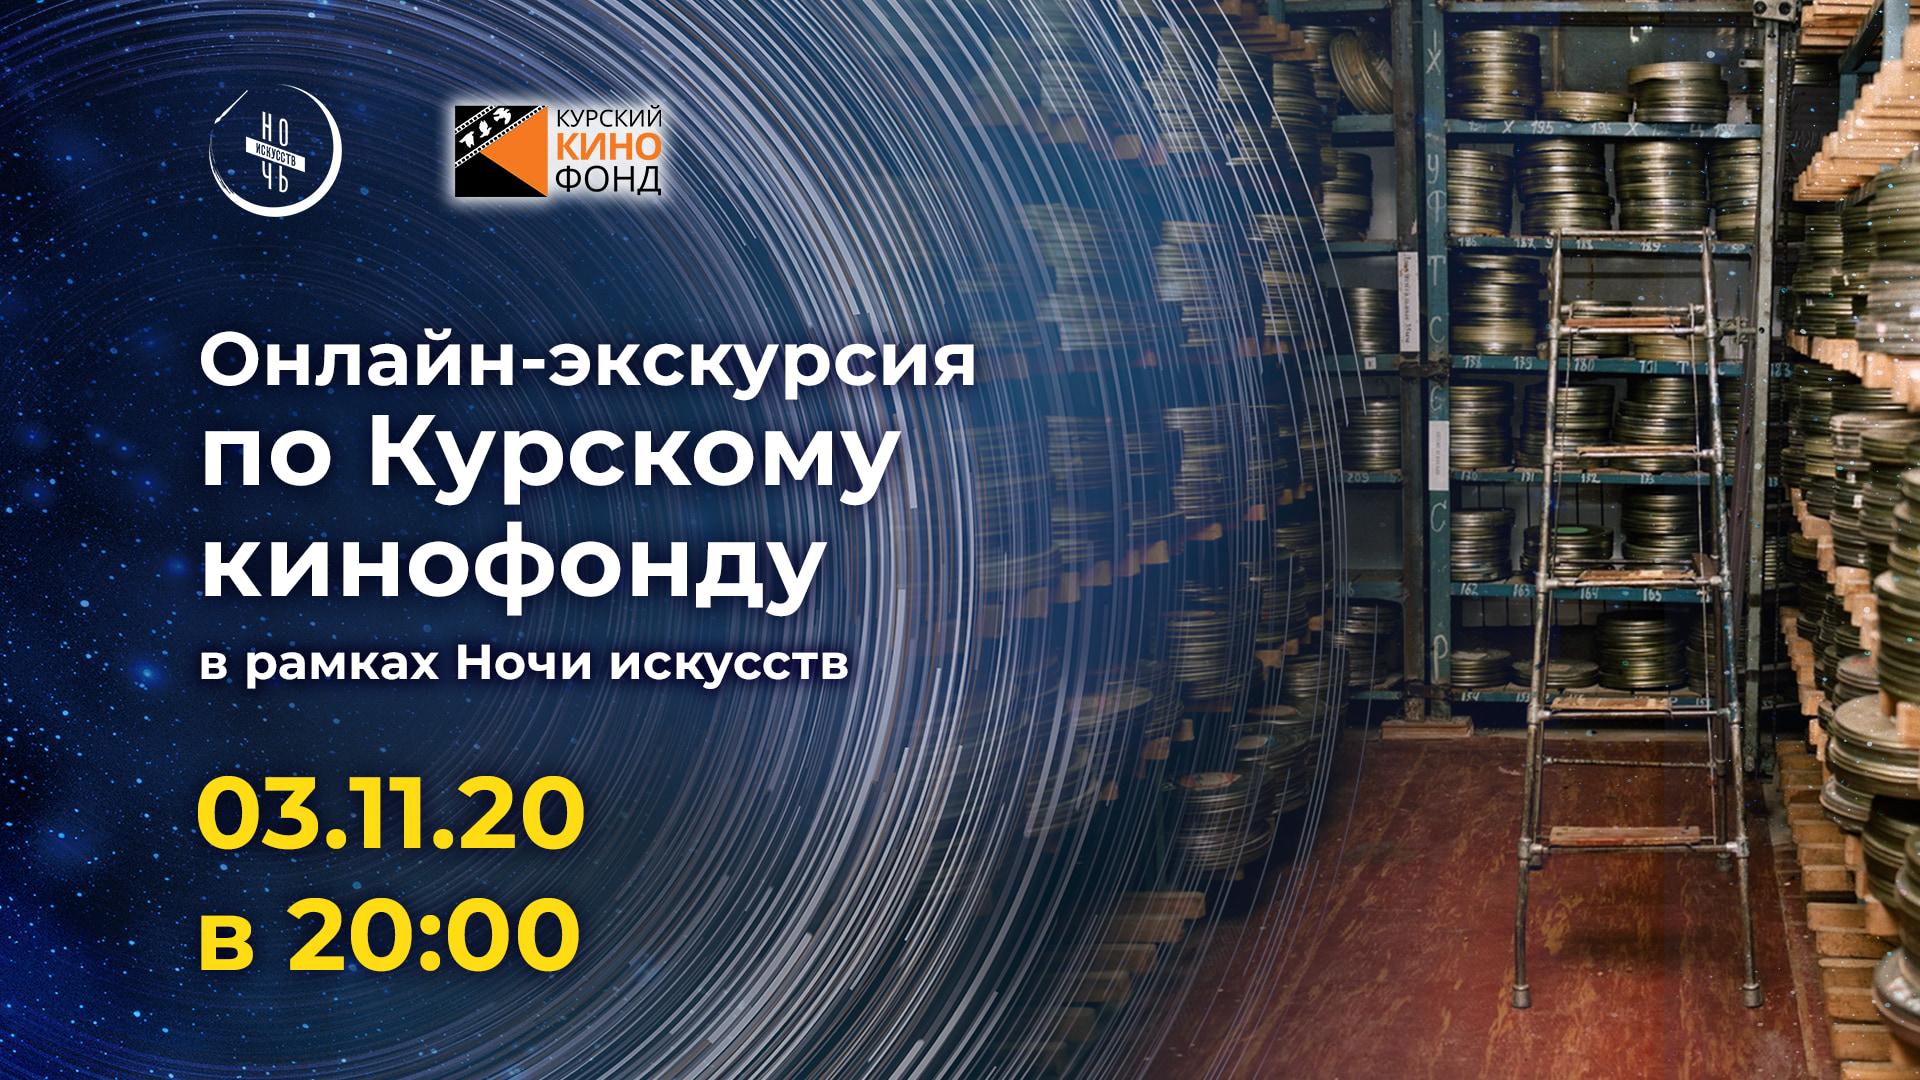 Онлайн-экскурсия по Курскому кинофонду в рамках Ночи искусств